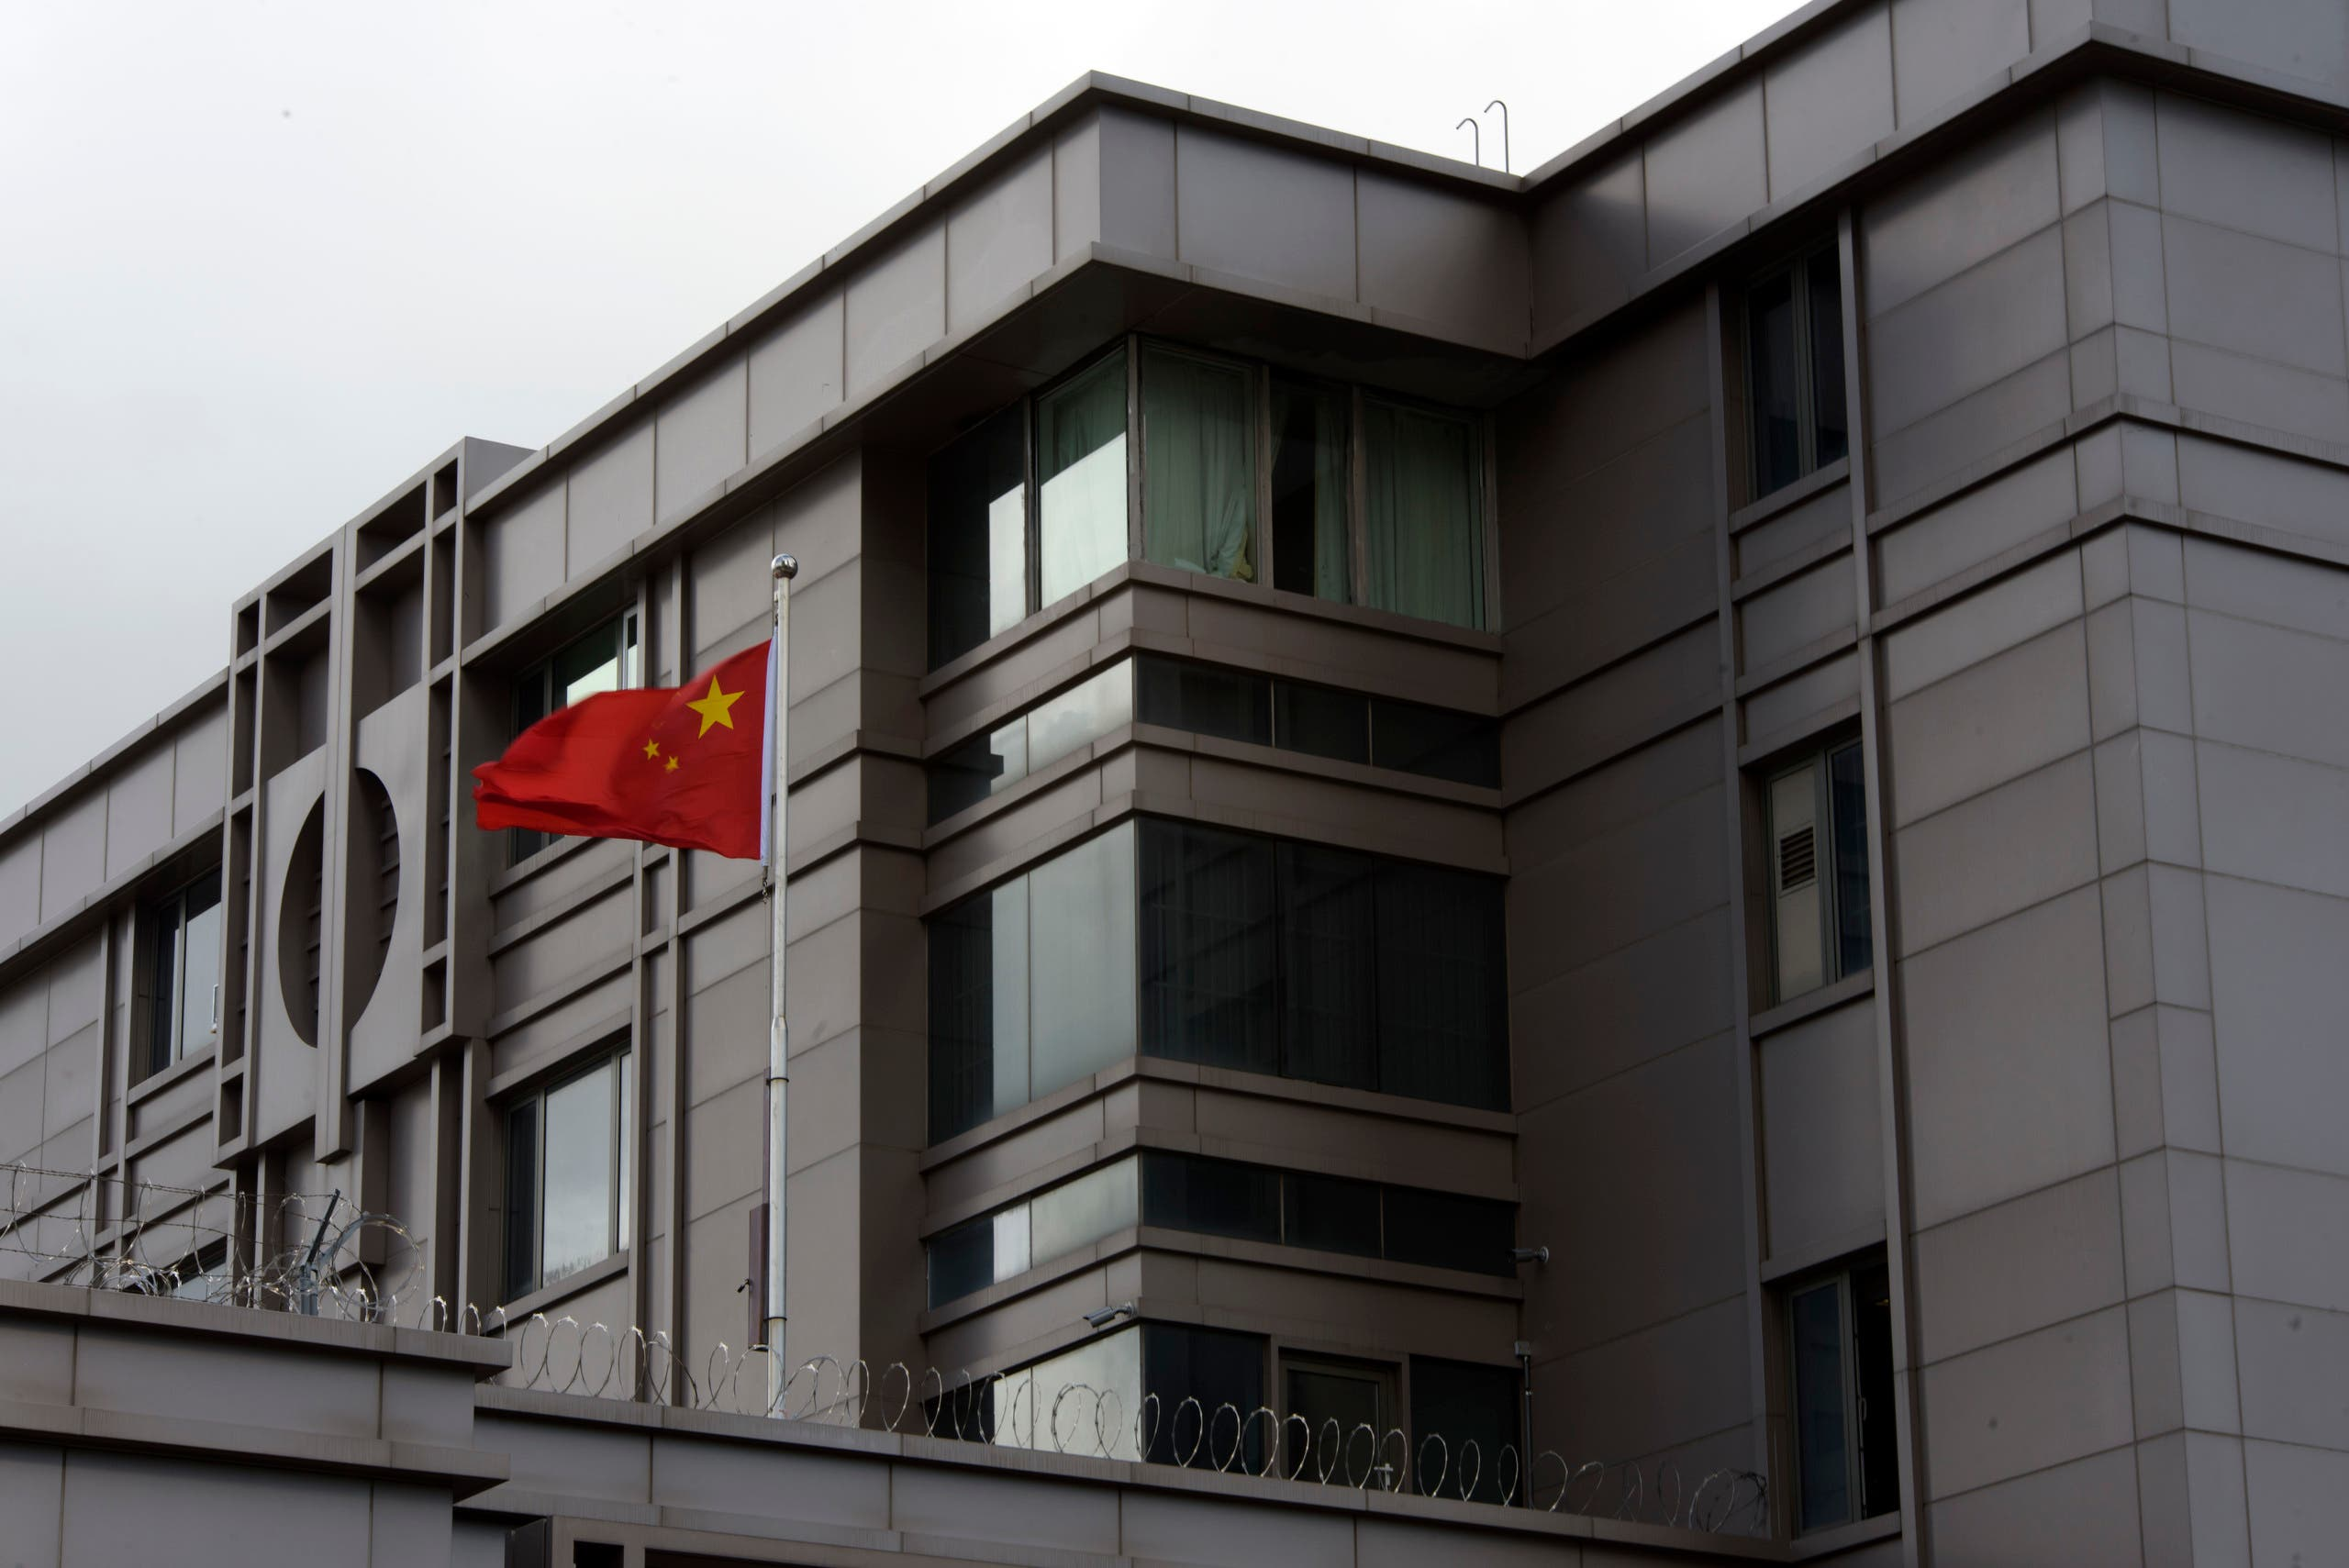 القنصلية الصينية في هيوستن (أرشيفية- فرانس برس)